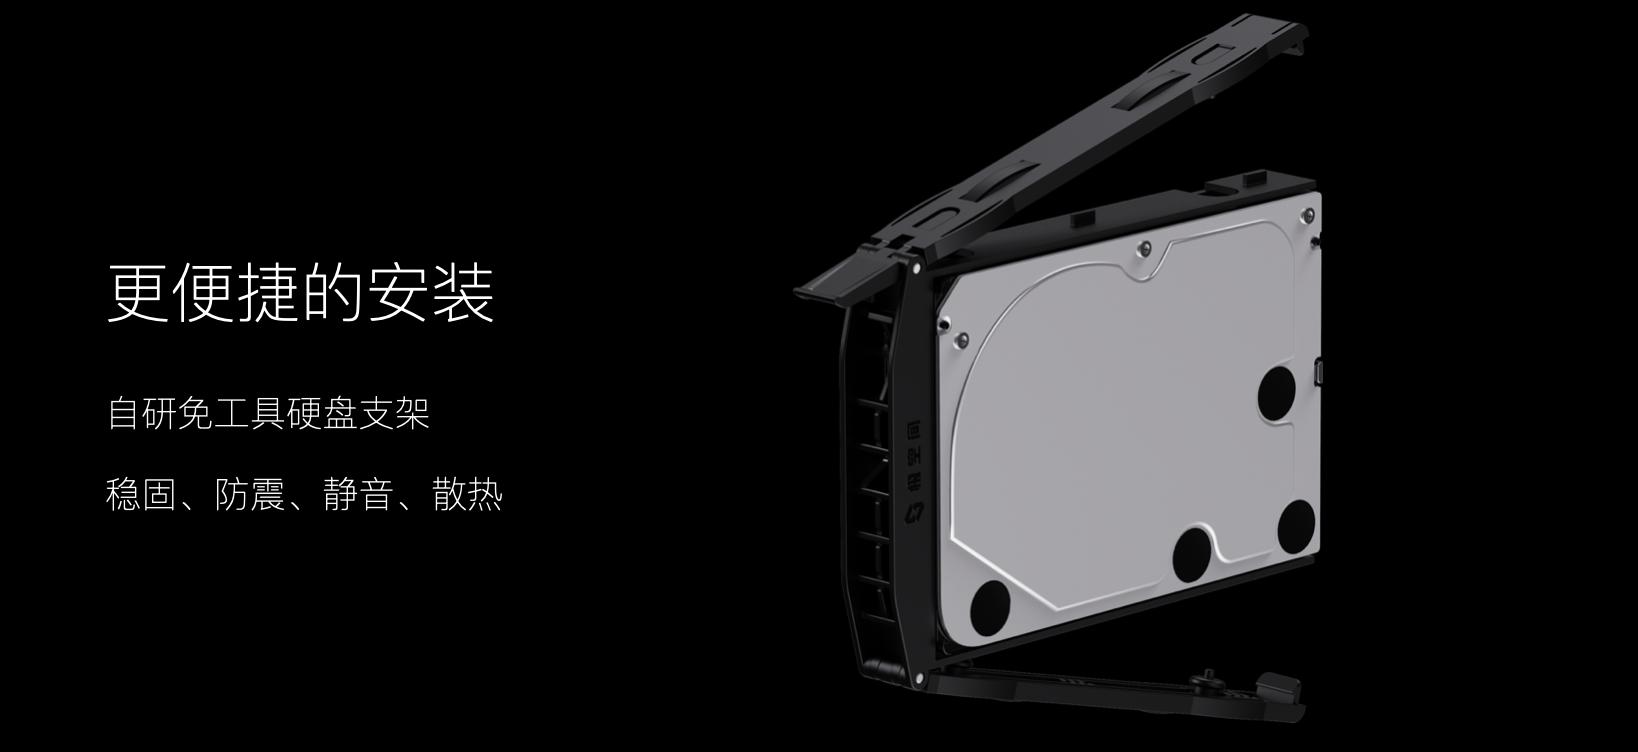 图片[7]-NAS新玩家 极空间Z2 / Z4 私人云正式发布,瞄准威&群 定价1199/2399元起-思安阁